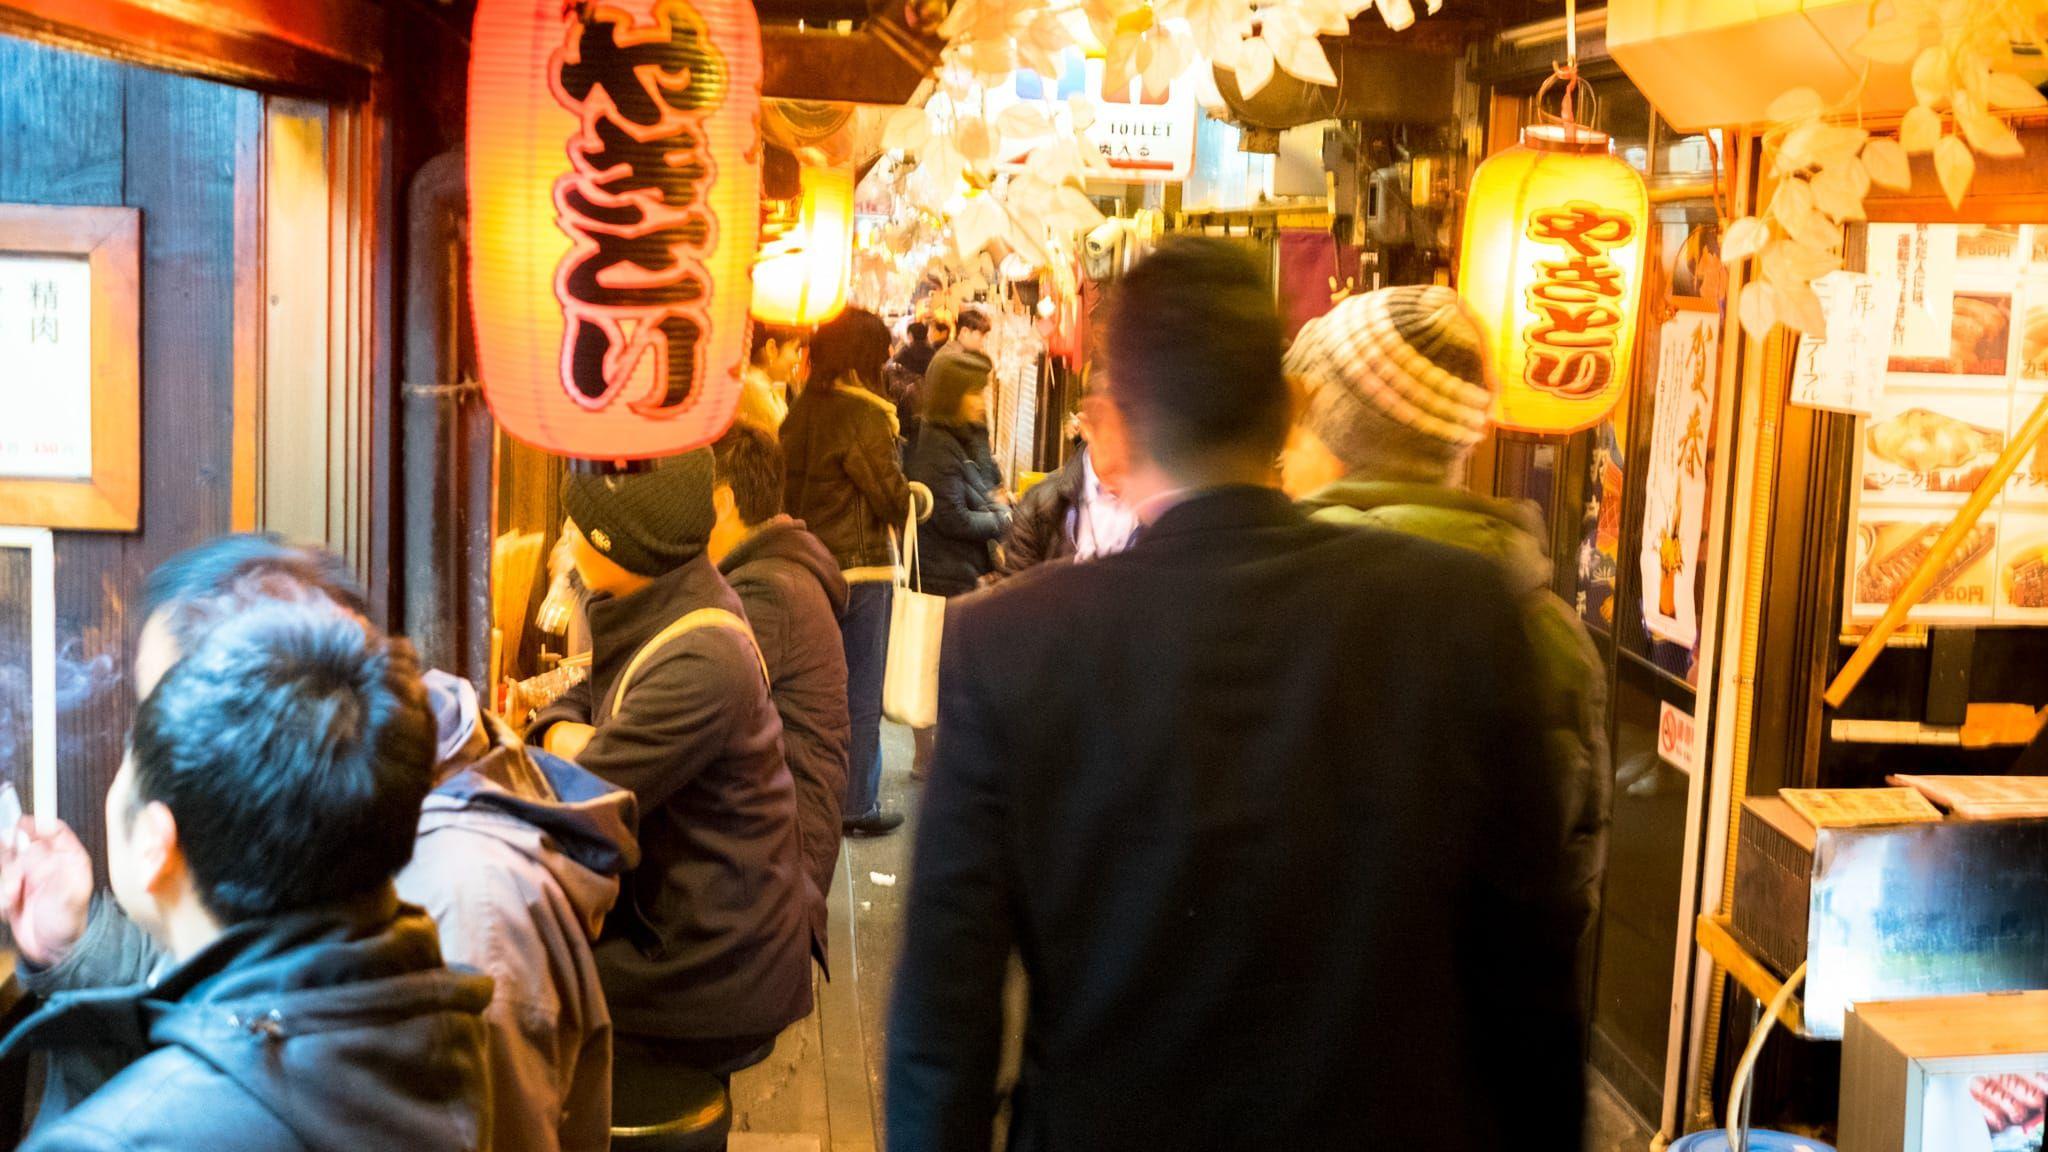 a narrow street of Omoide Yokocho